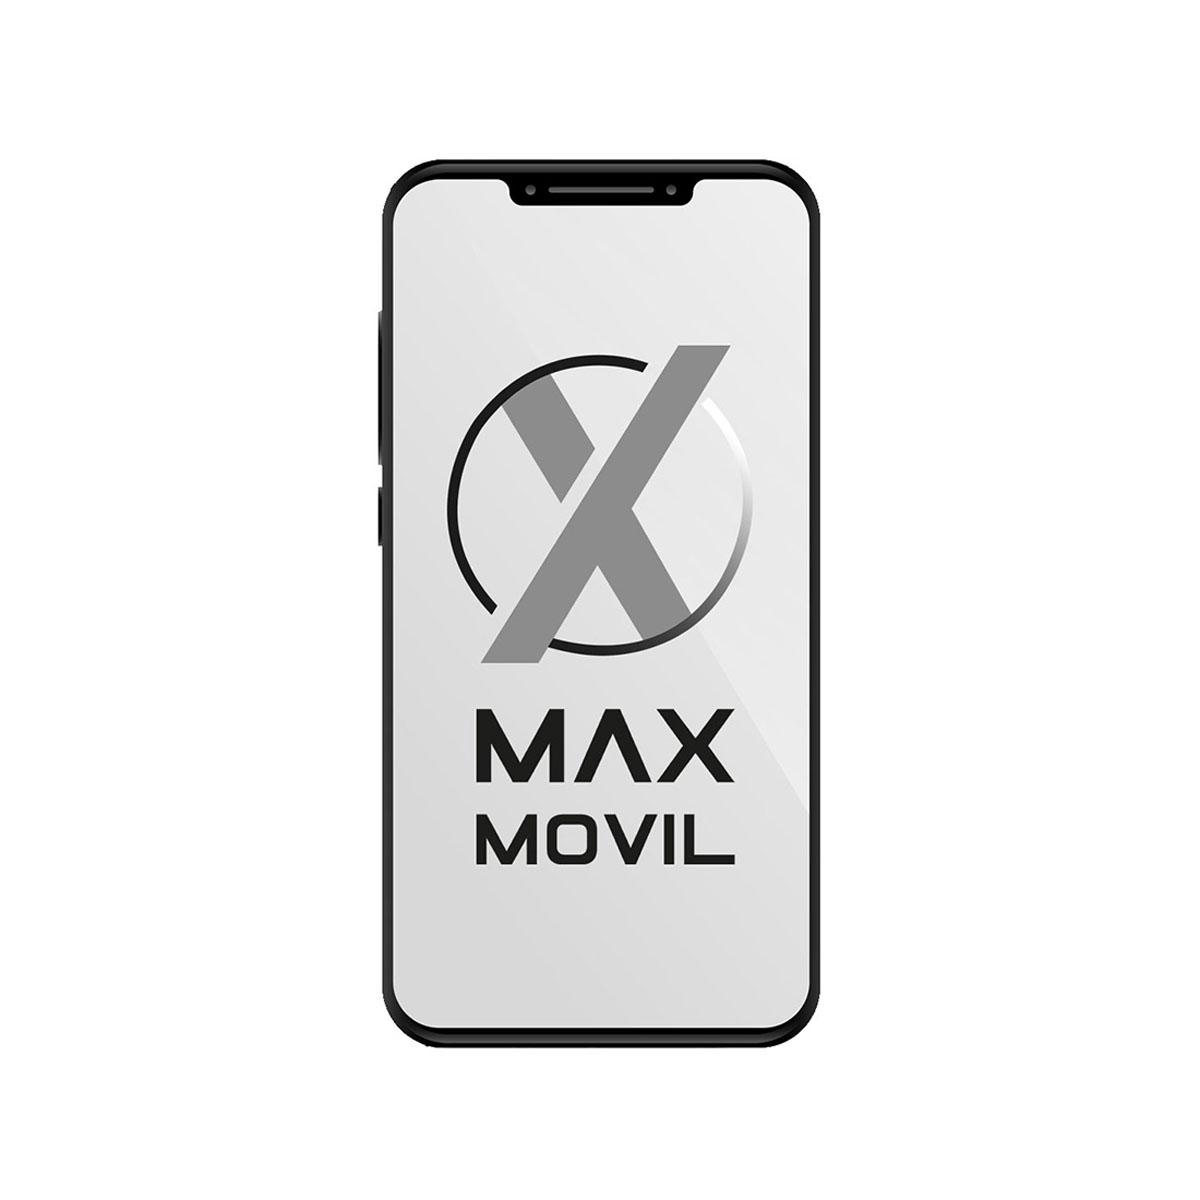 Sony SmartWatch 3 SWR50 con correa negra en MAXmovil